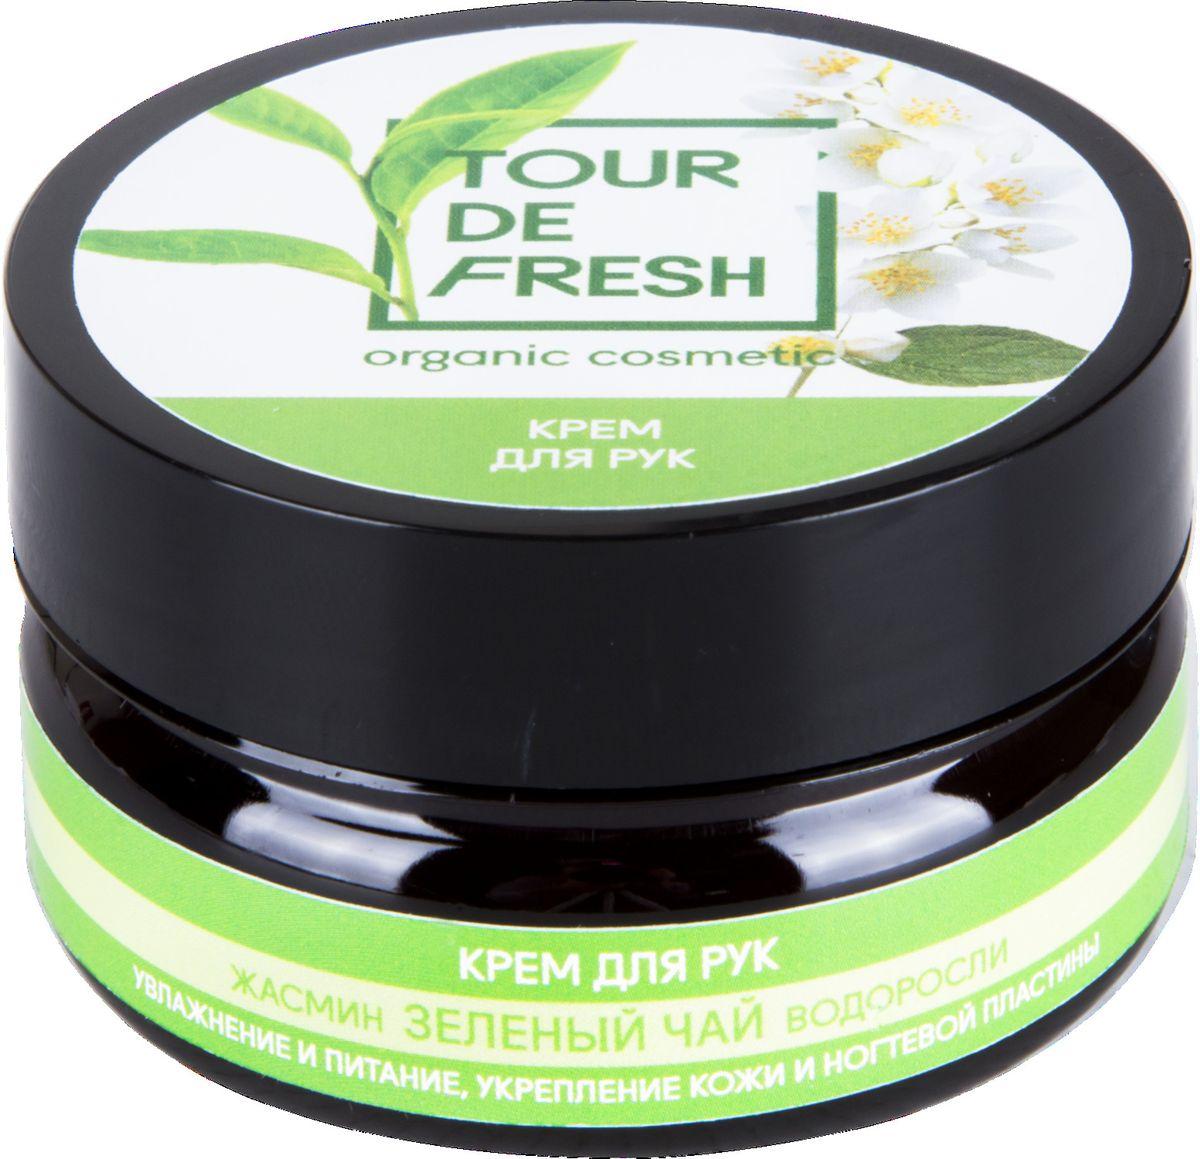 Tour De Fresh Крем для рук Зеленый чай, жасмин и водоросли, 60 млУФ000000004Крем предназначен для борьбы с первыми признаками старения. Зеленый чай богат антиоксидантами и ускоряет процессы восстановления клеток. Экстракт морских водорослей тонизирует и подтягивает, разглаживая мелкие морщины. Масло жасмина глубоко питает и увлажняет кожу.